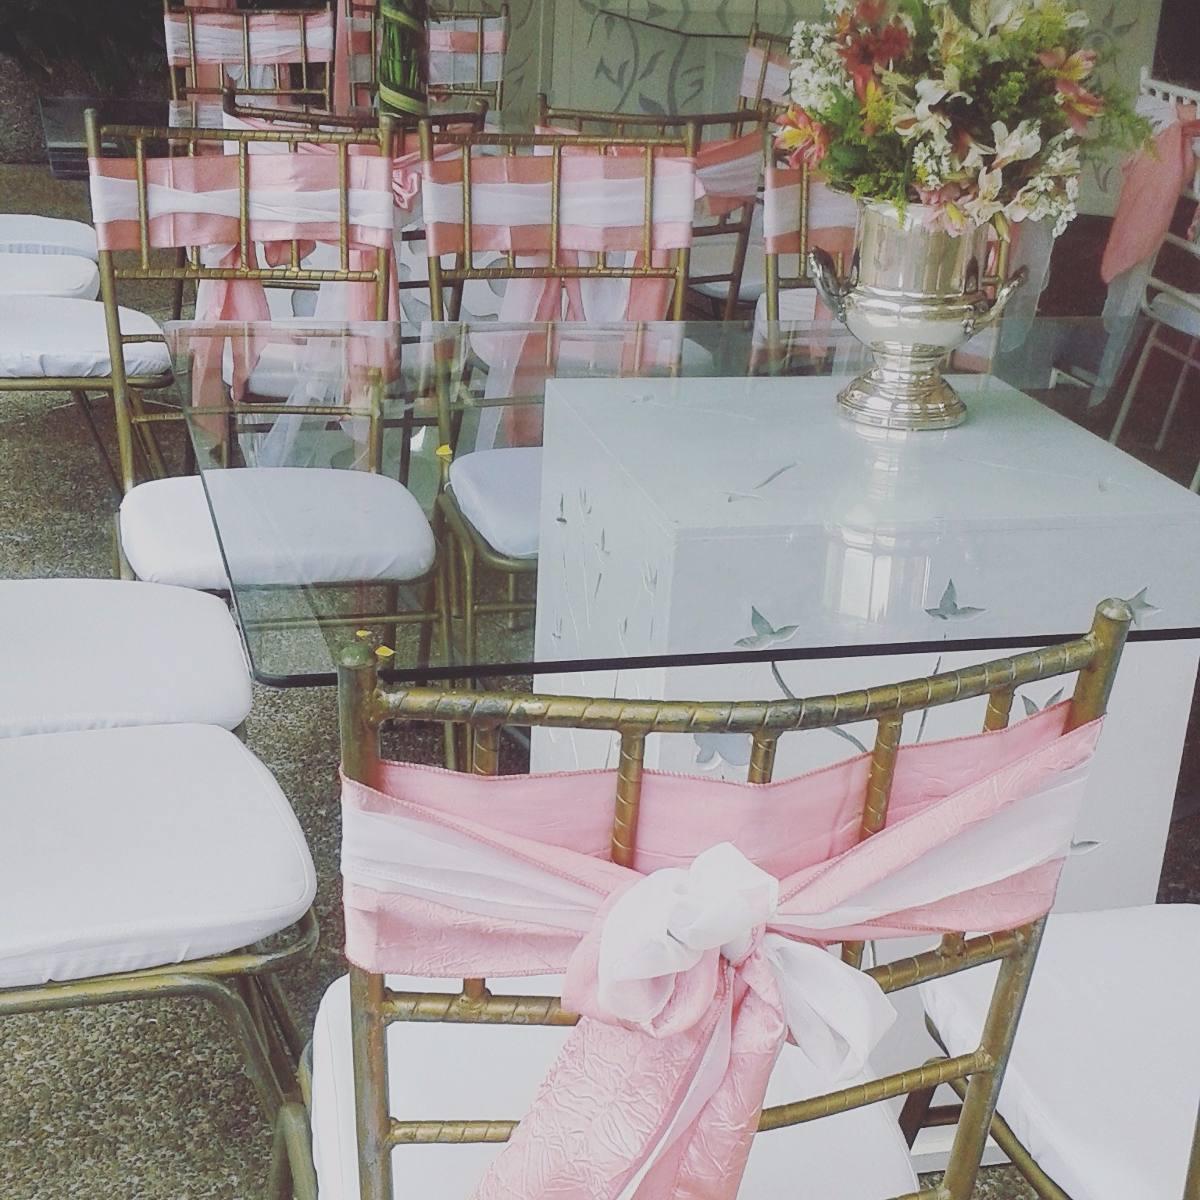 Agencia de festejos alquiler sillas mesas vajillas puffs for Sillas para festejos